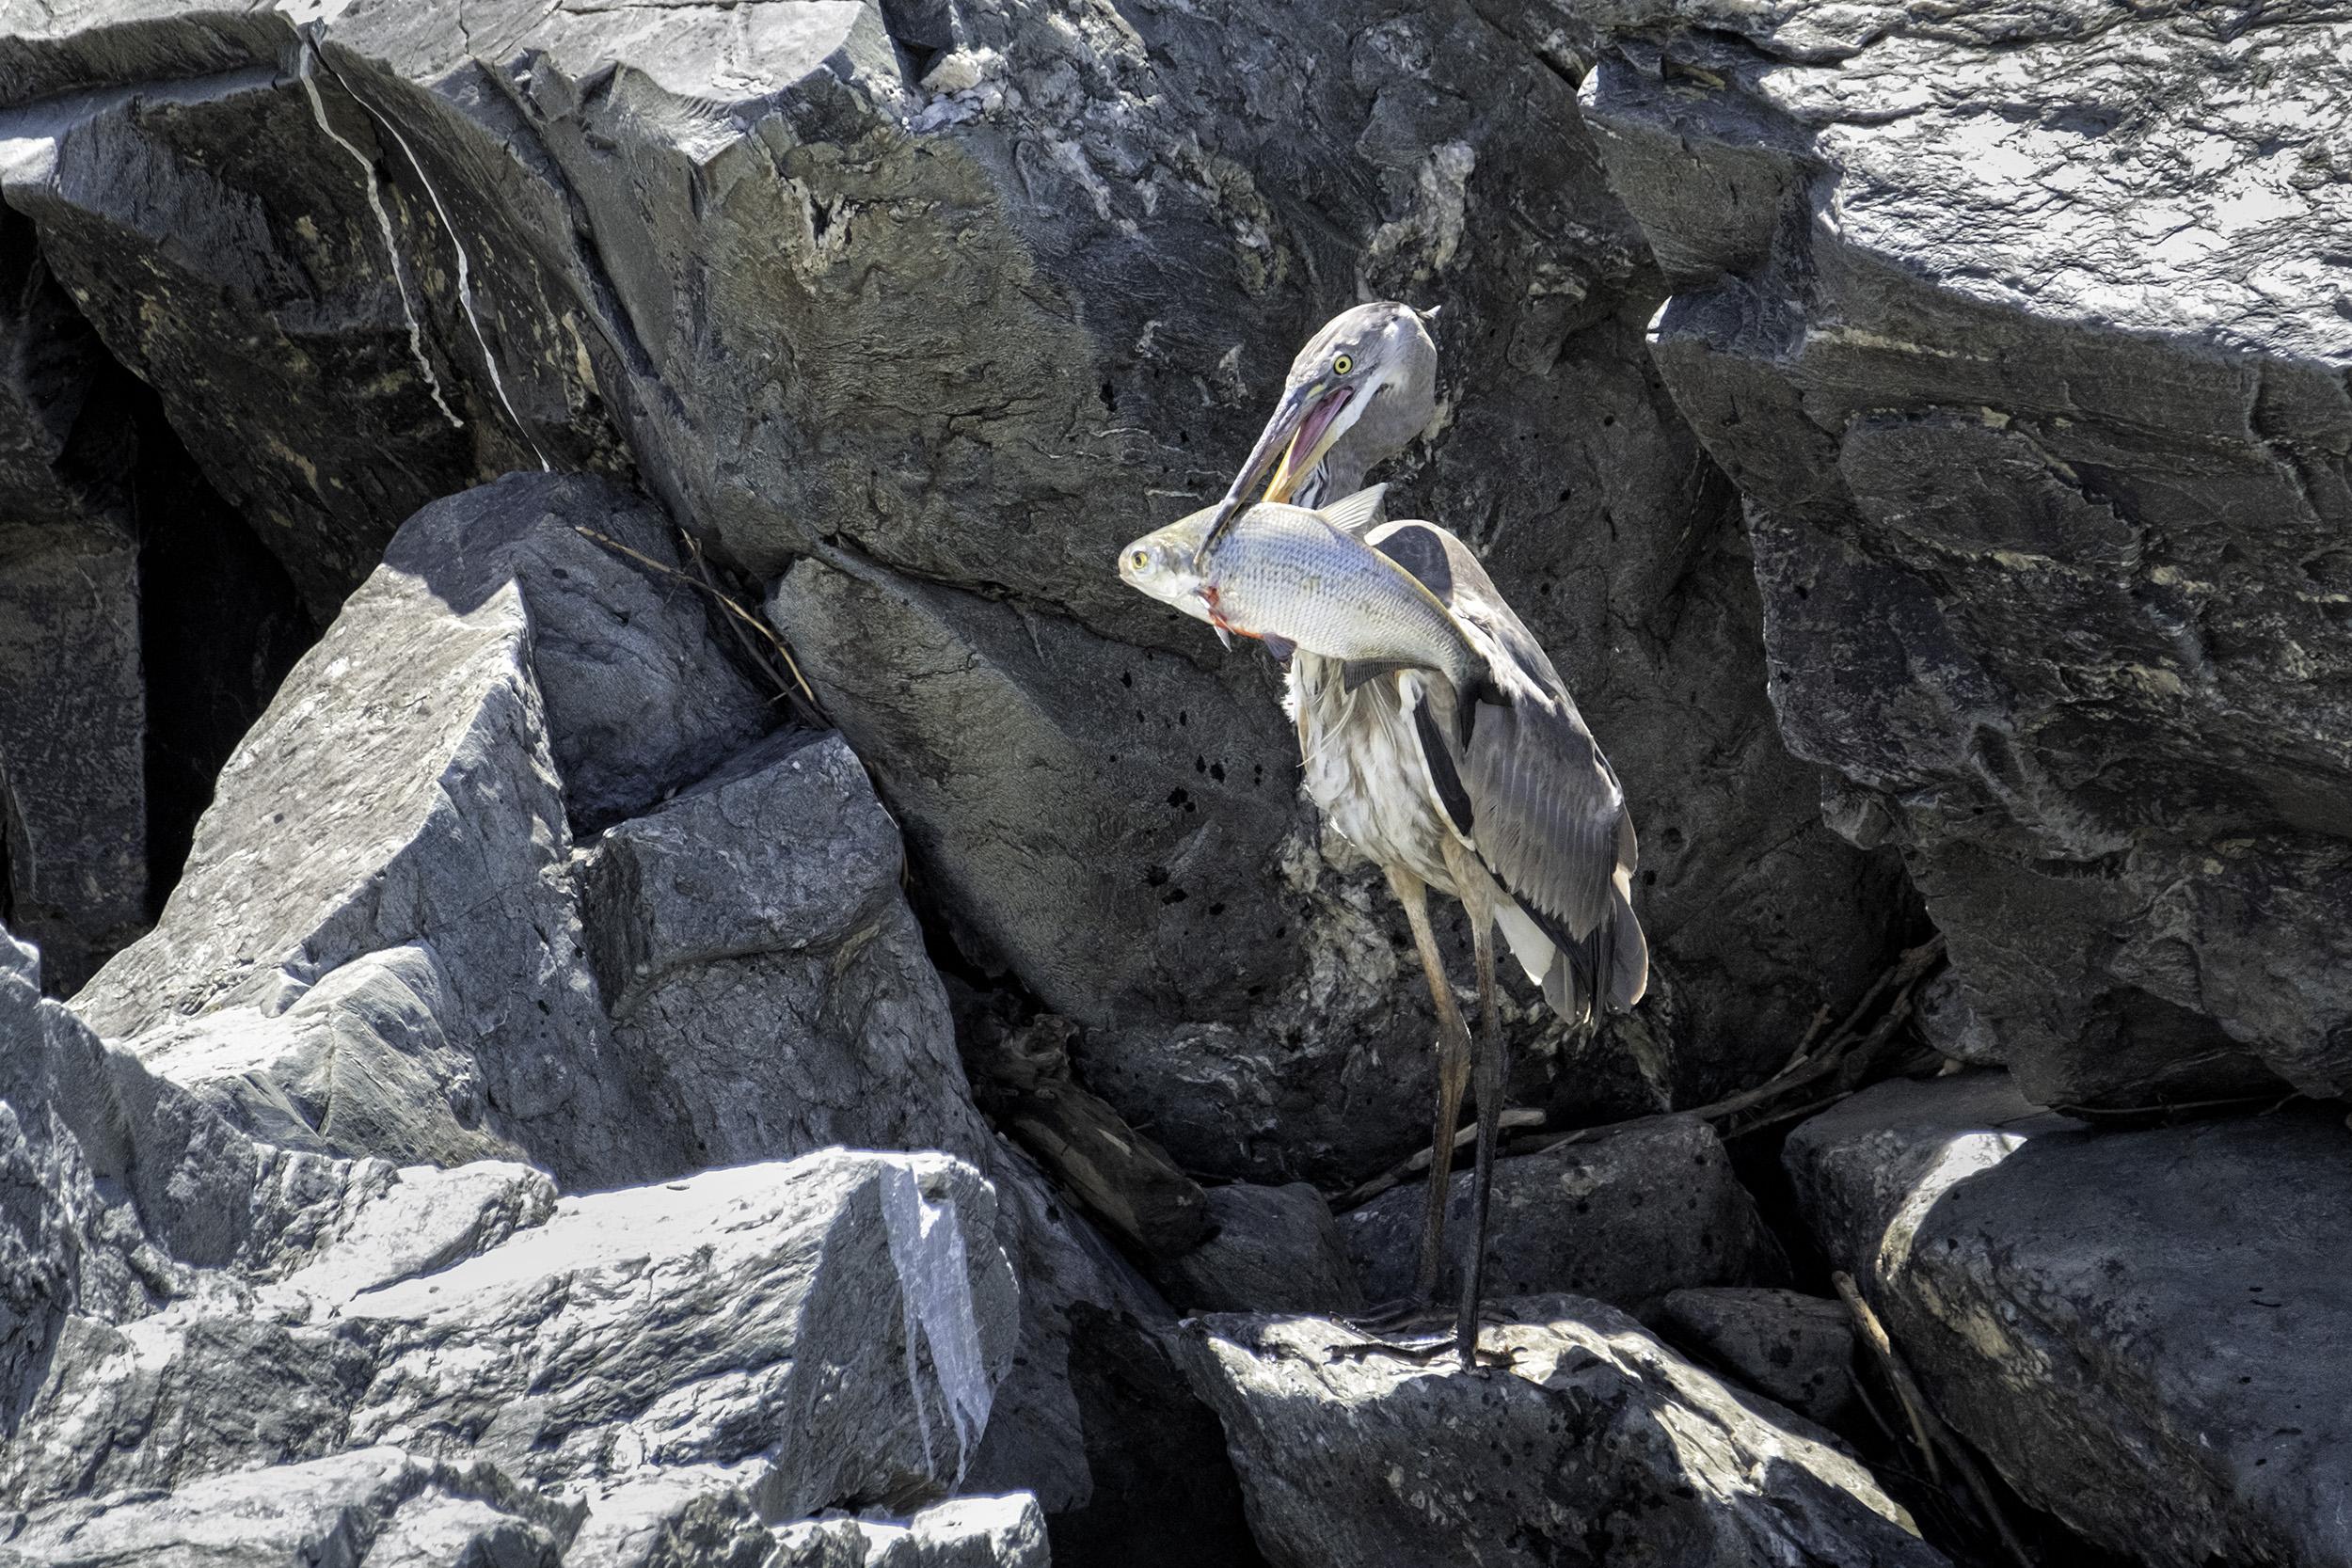 190521 Great Falls Heron 165-1.jpg